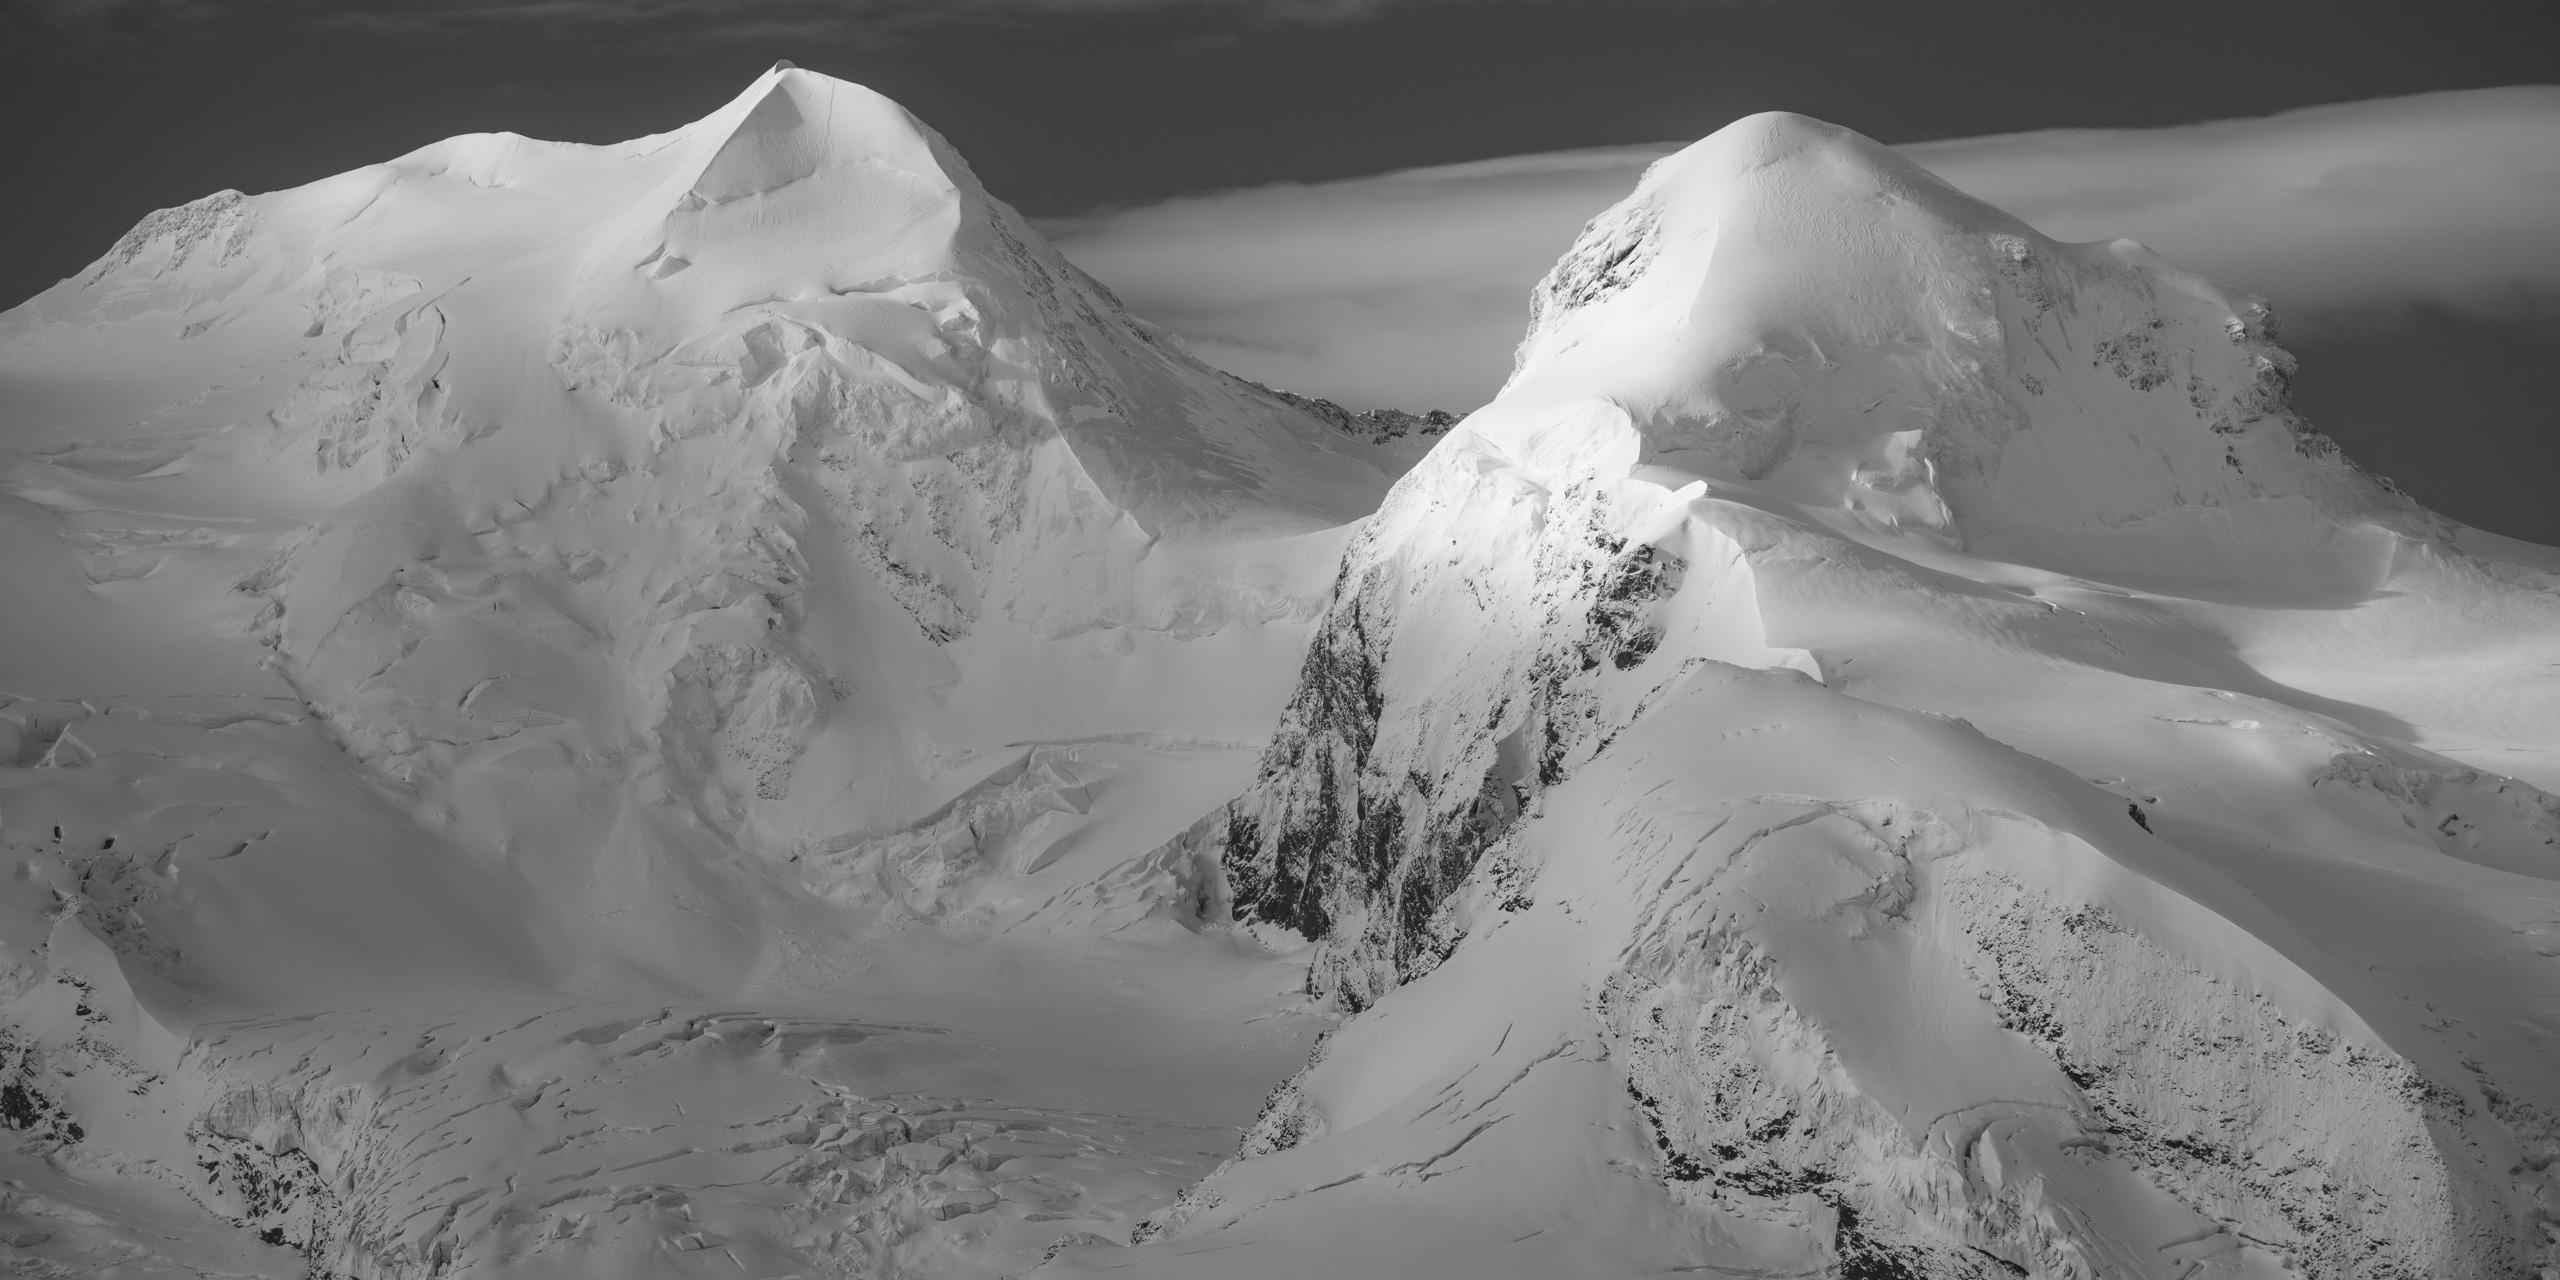 Panorama des montagnes Castor et Pollux - Photos Zermatt en Engadine après une tempete de neige en montagne